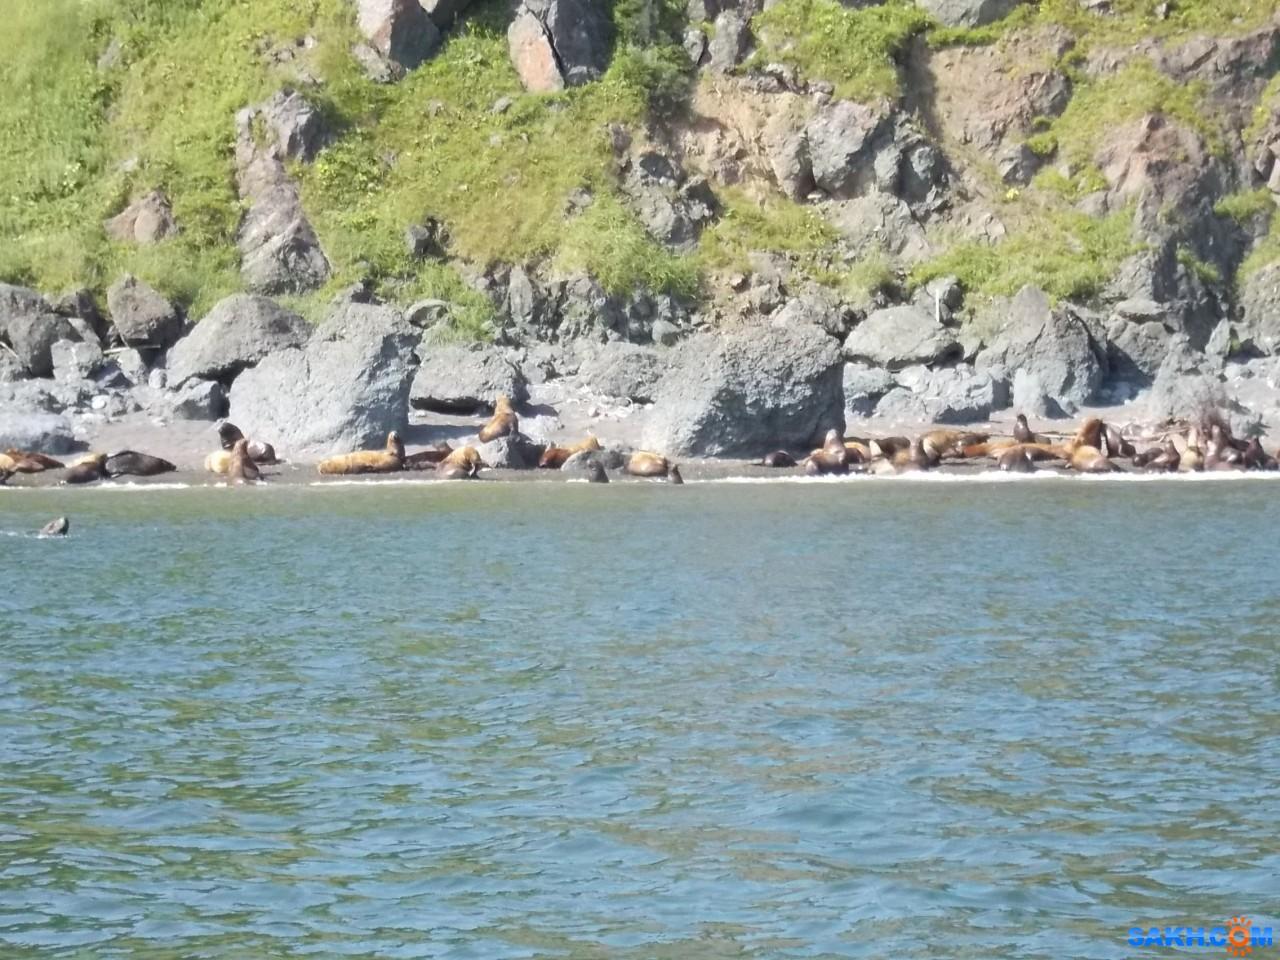 Valery: Сивучи на северо-восточном побережье, южнее мыса Делиль-де-ла-Кройера, 18.08.2015 г.